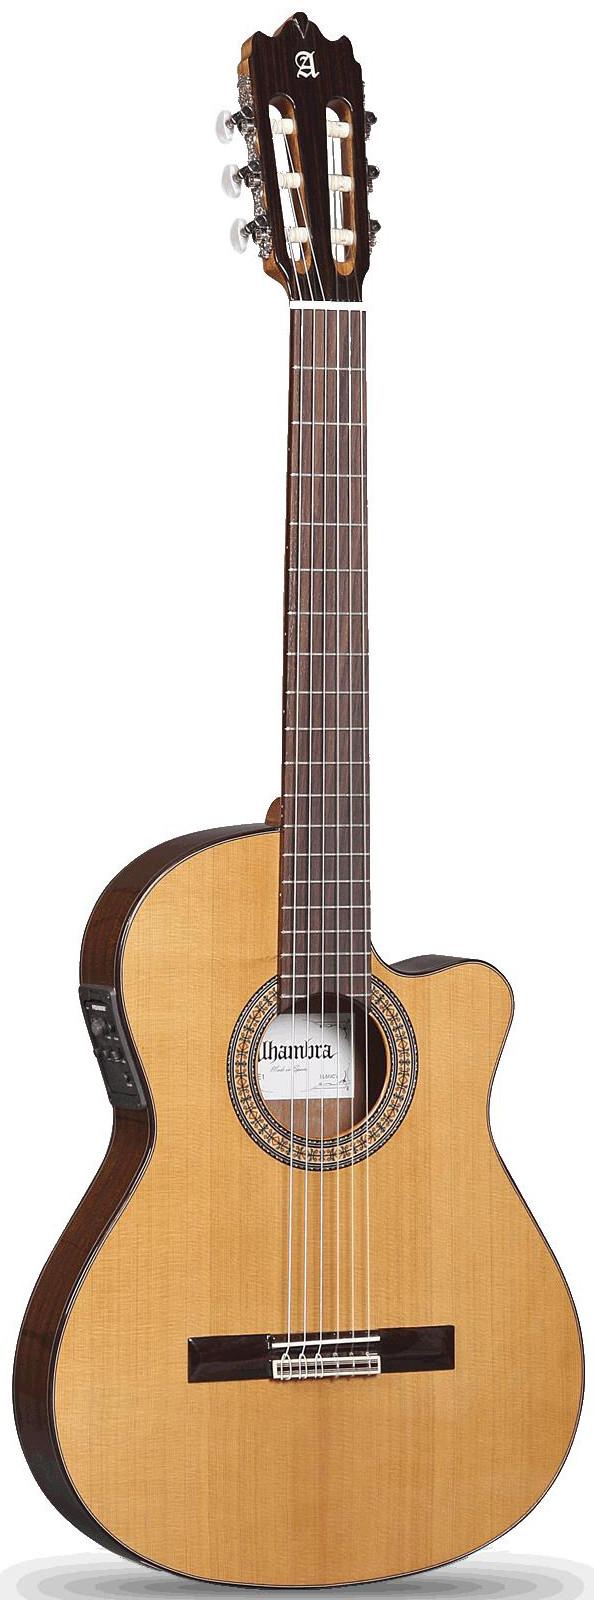 Гитара Alhambra 6.856 Cutaway 3 C CT